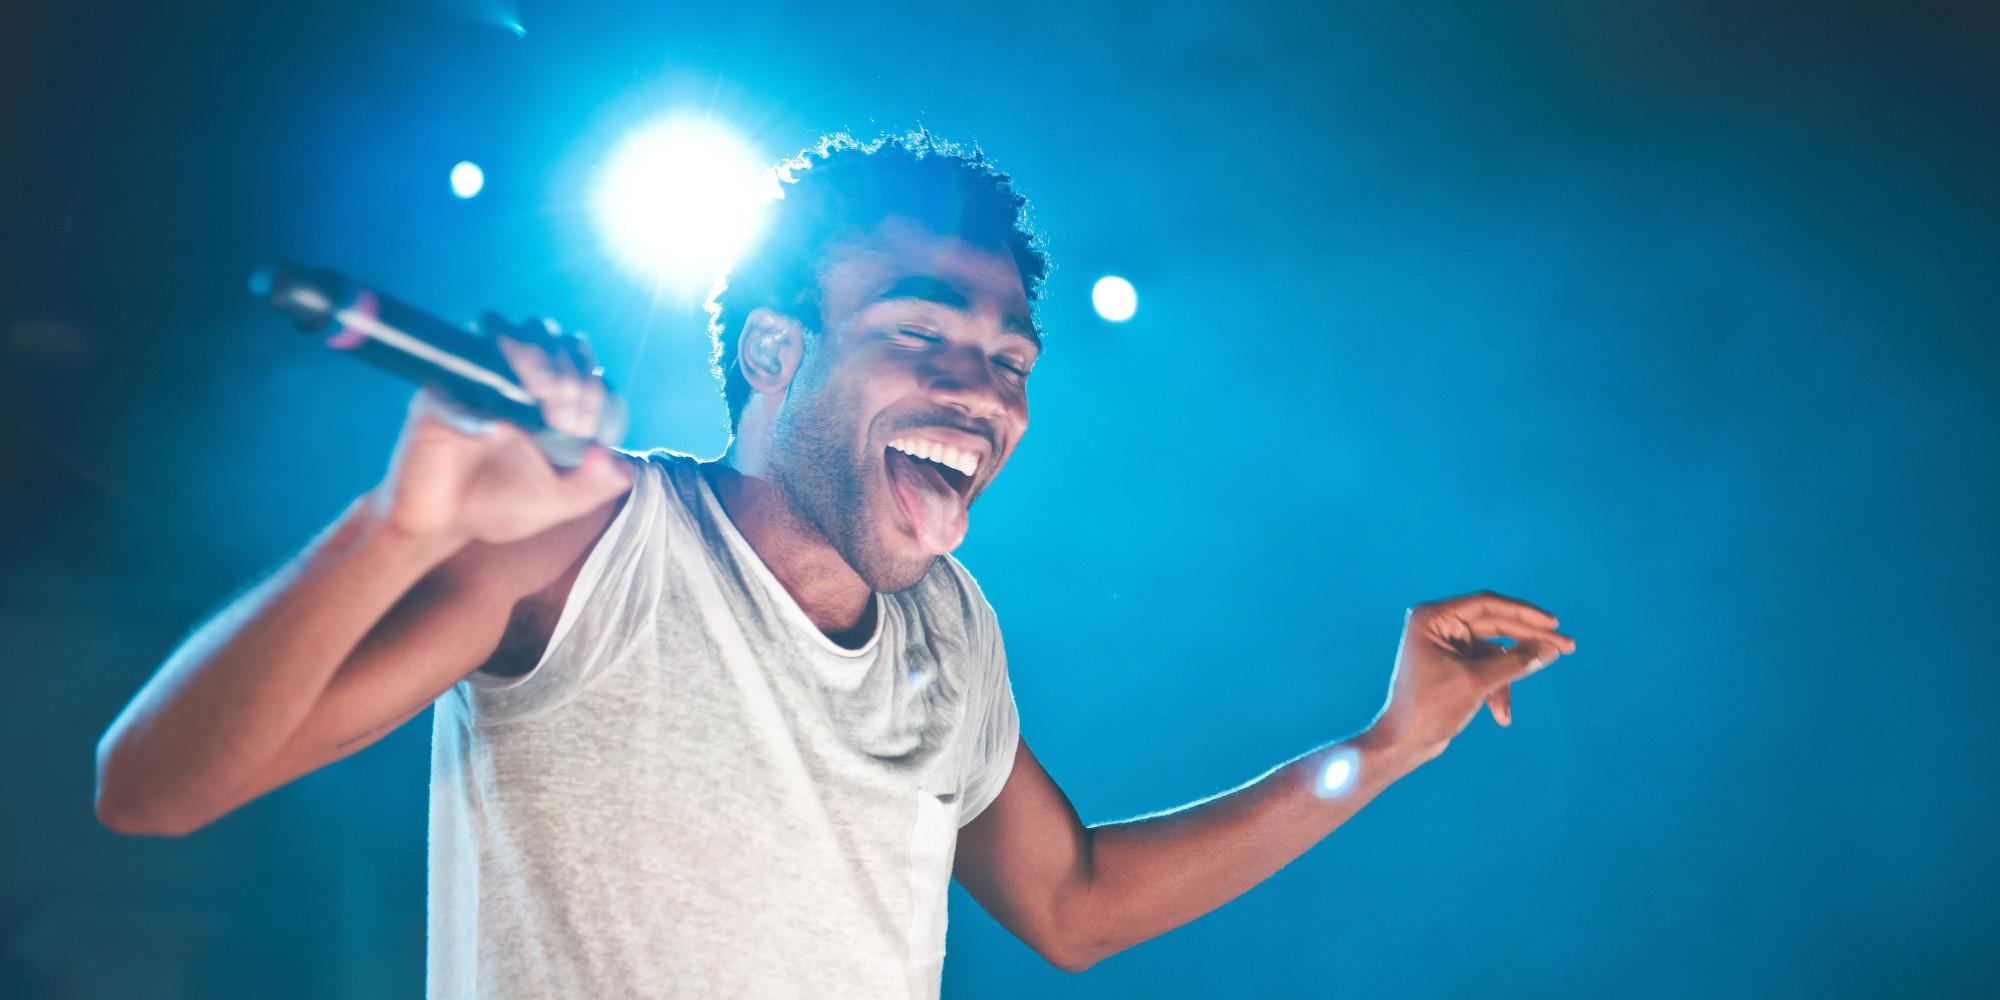 10 discos lançados em 2016 e que você devia ter ouvido   Judão